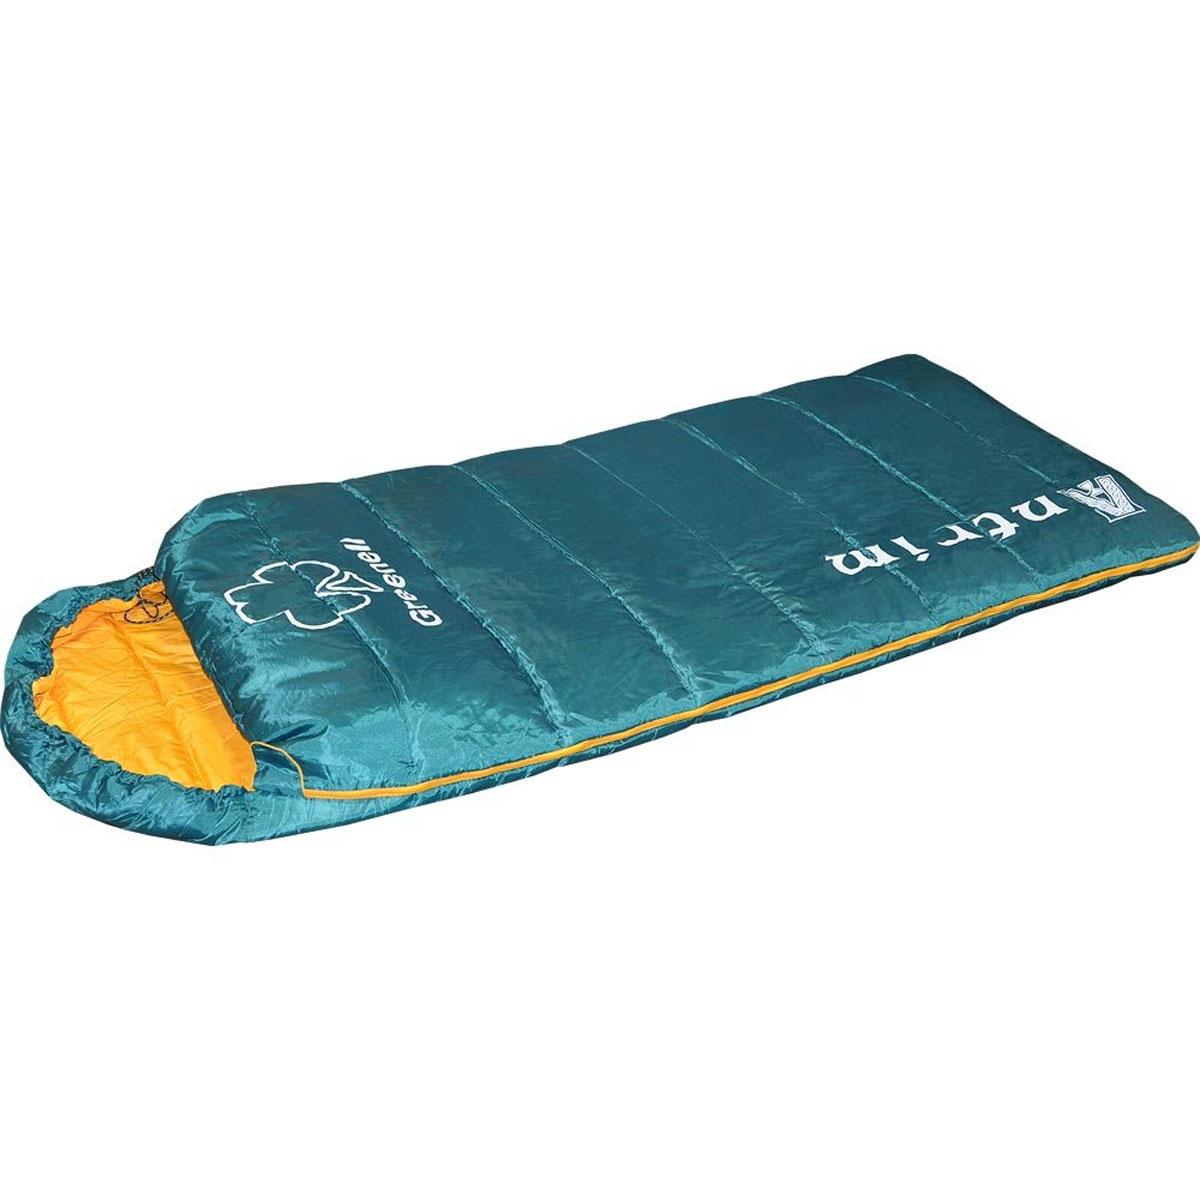 Спальный мешок Greenell Антрим, левосторонняя молния, цвет: зеленый34013-303-00Летний спальник Greenell Антрим изготовлен в форм-факторе мешок-одеяло с подголовником. Антрим имеет большой внутренний объем и ориентирован на использование людьми, крупной комплекции, а для капризных путешественников, любящих особый комфорт это единственный и необходимый вариант для полноценного ночлега! Легкий спальник Greenell Антрим имеет удобный кармашек внутри для личных вещей, очков, контактных линз и другой ночной атрибутики. В свернутом виде спальник помещается в компрессионный мешок и занимает минимум места в рюкзаке или багажном отделении автомобиля. Ткань верха спального мешка обработана влагостойкой пропиткой. Гиппоалергенный материал утеплителя холлофайбер не сминается, быстро сохнет и обладает отличными теплосберегающими свойствами. Особое расположение швов предотвращает миграцию утеплителя внутри спального мешка. При необходимости двухзамковая молния позволяет состегнуть два однотипных спальника, образуя просторную спарку для отдыха всей семьей....